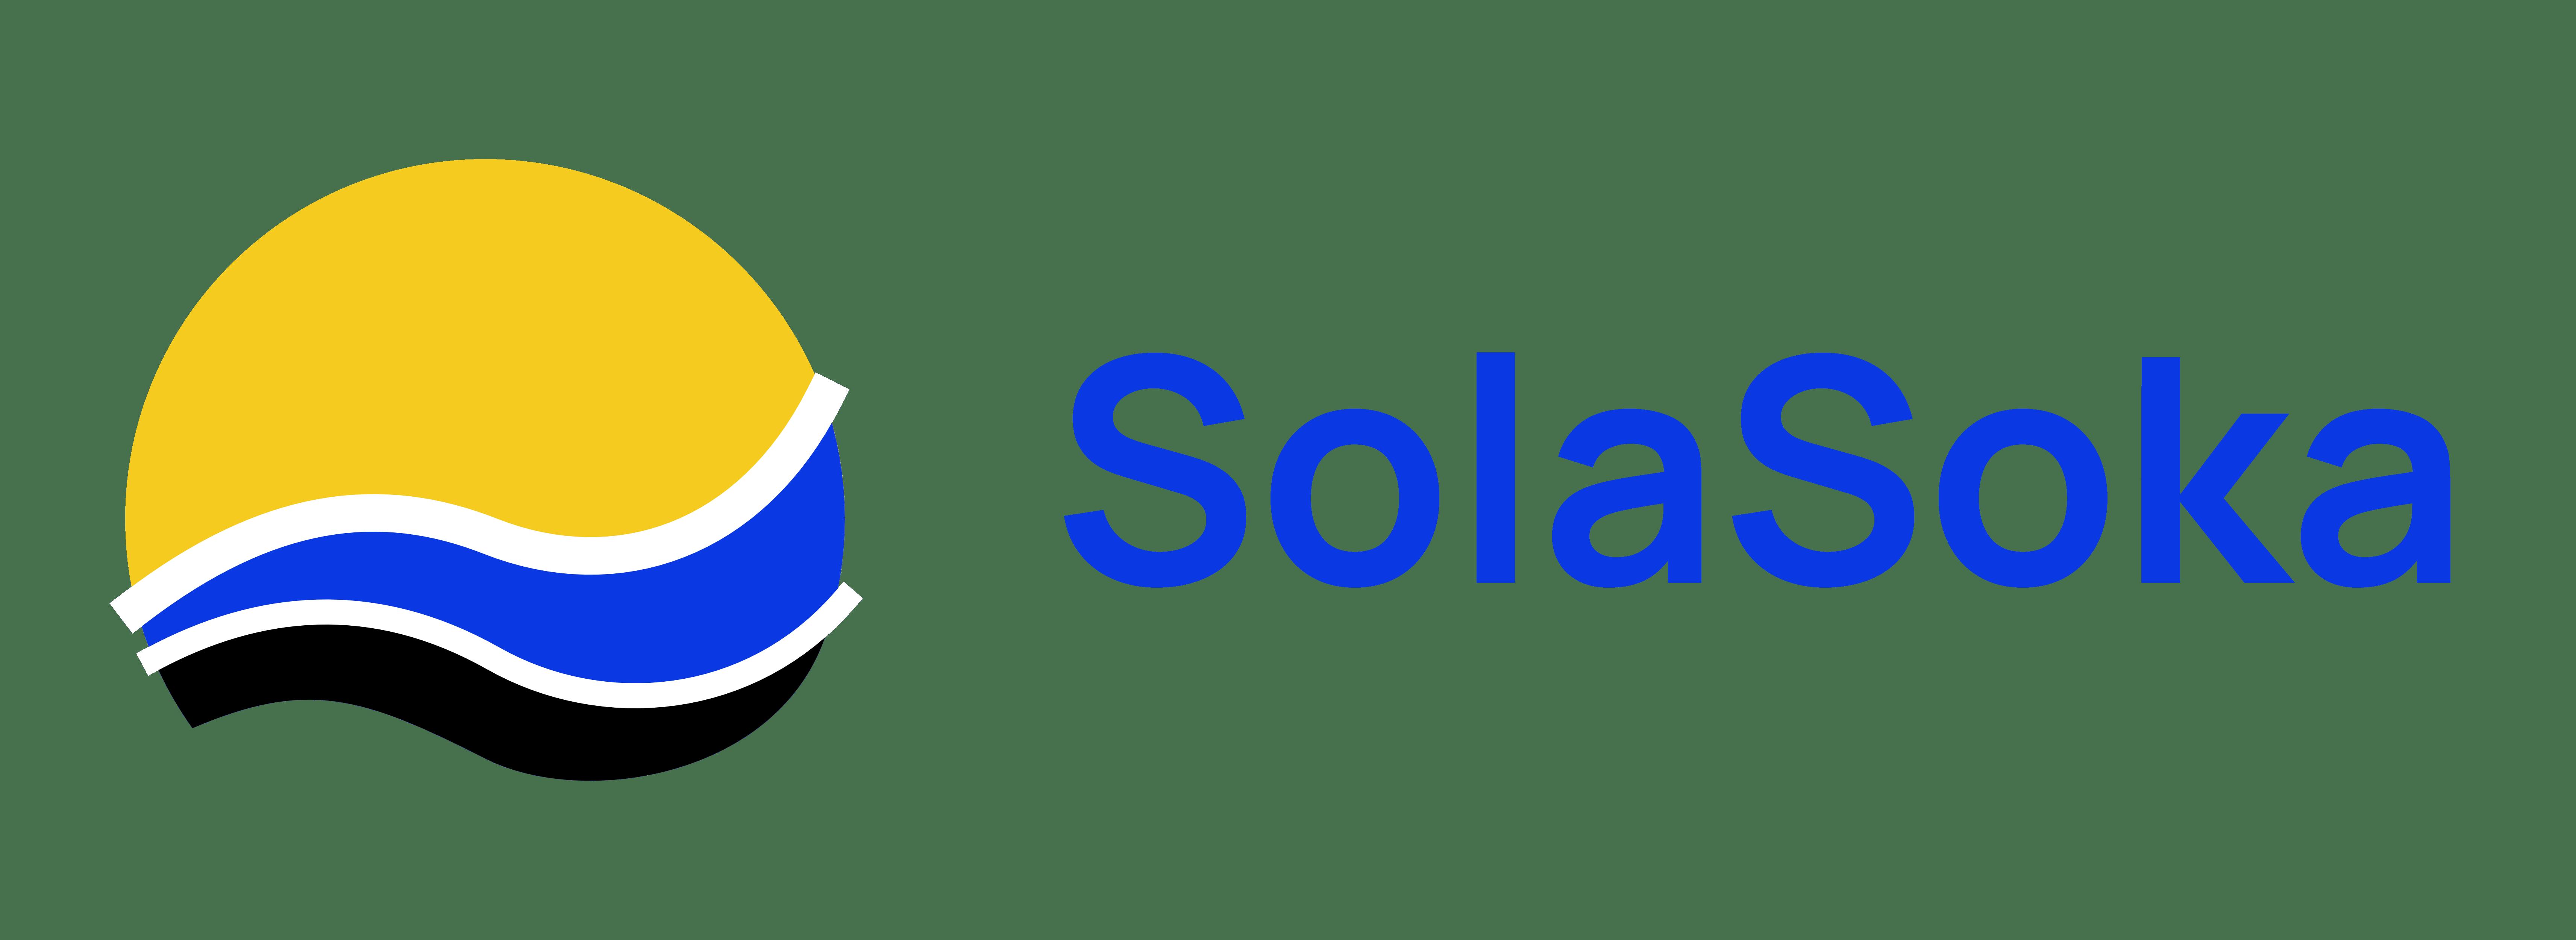 SolaSoka